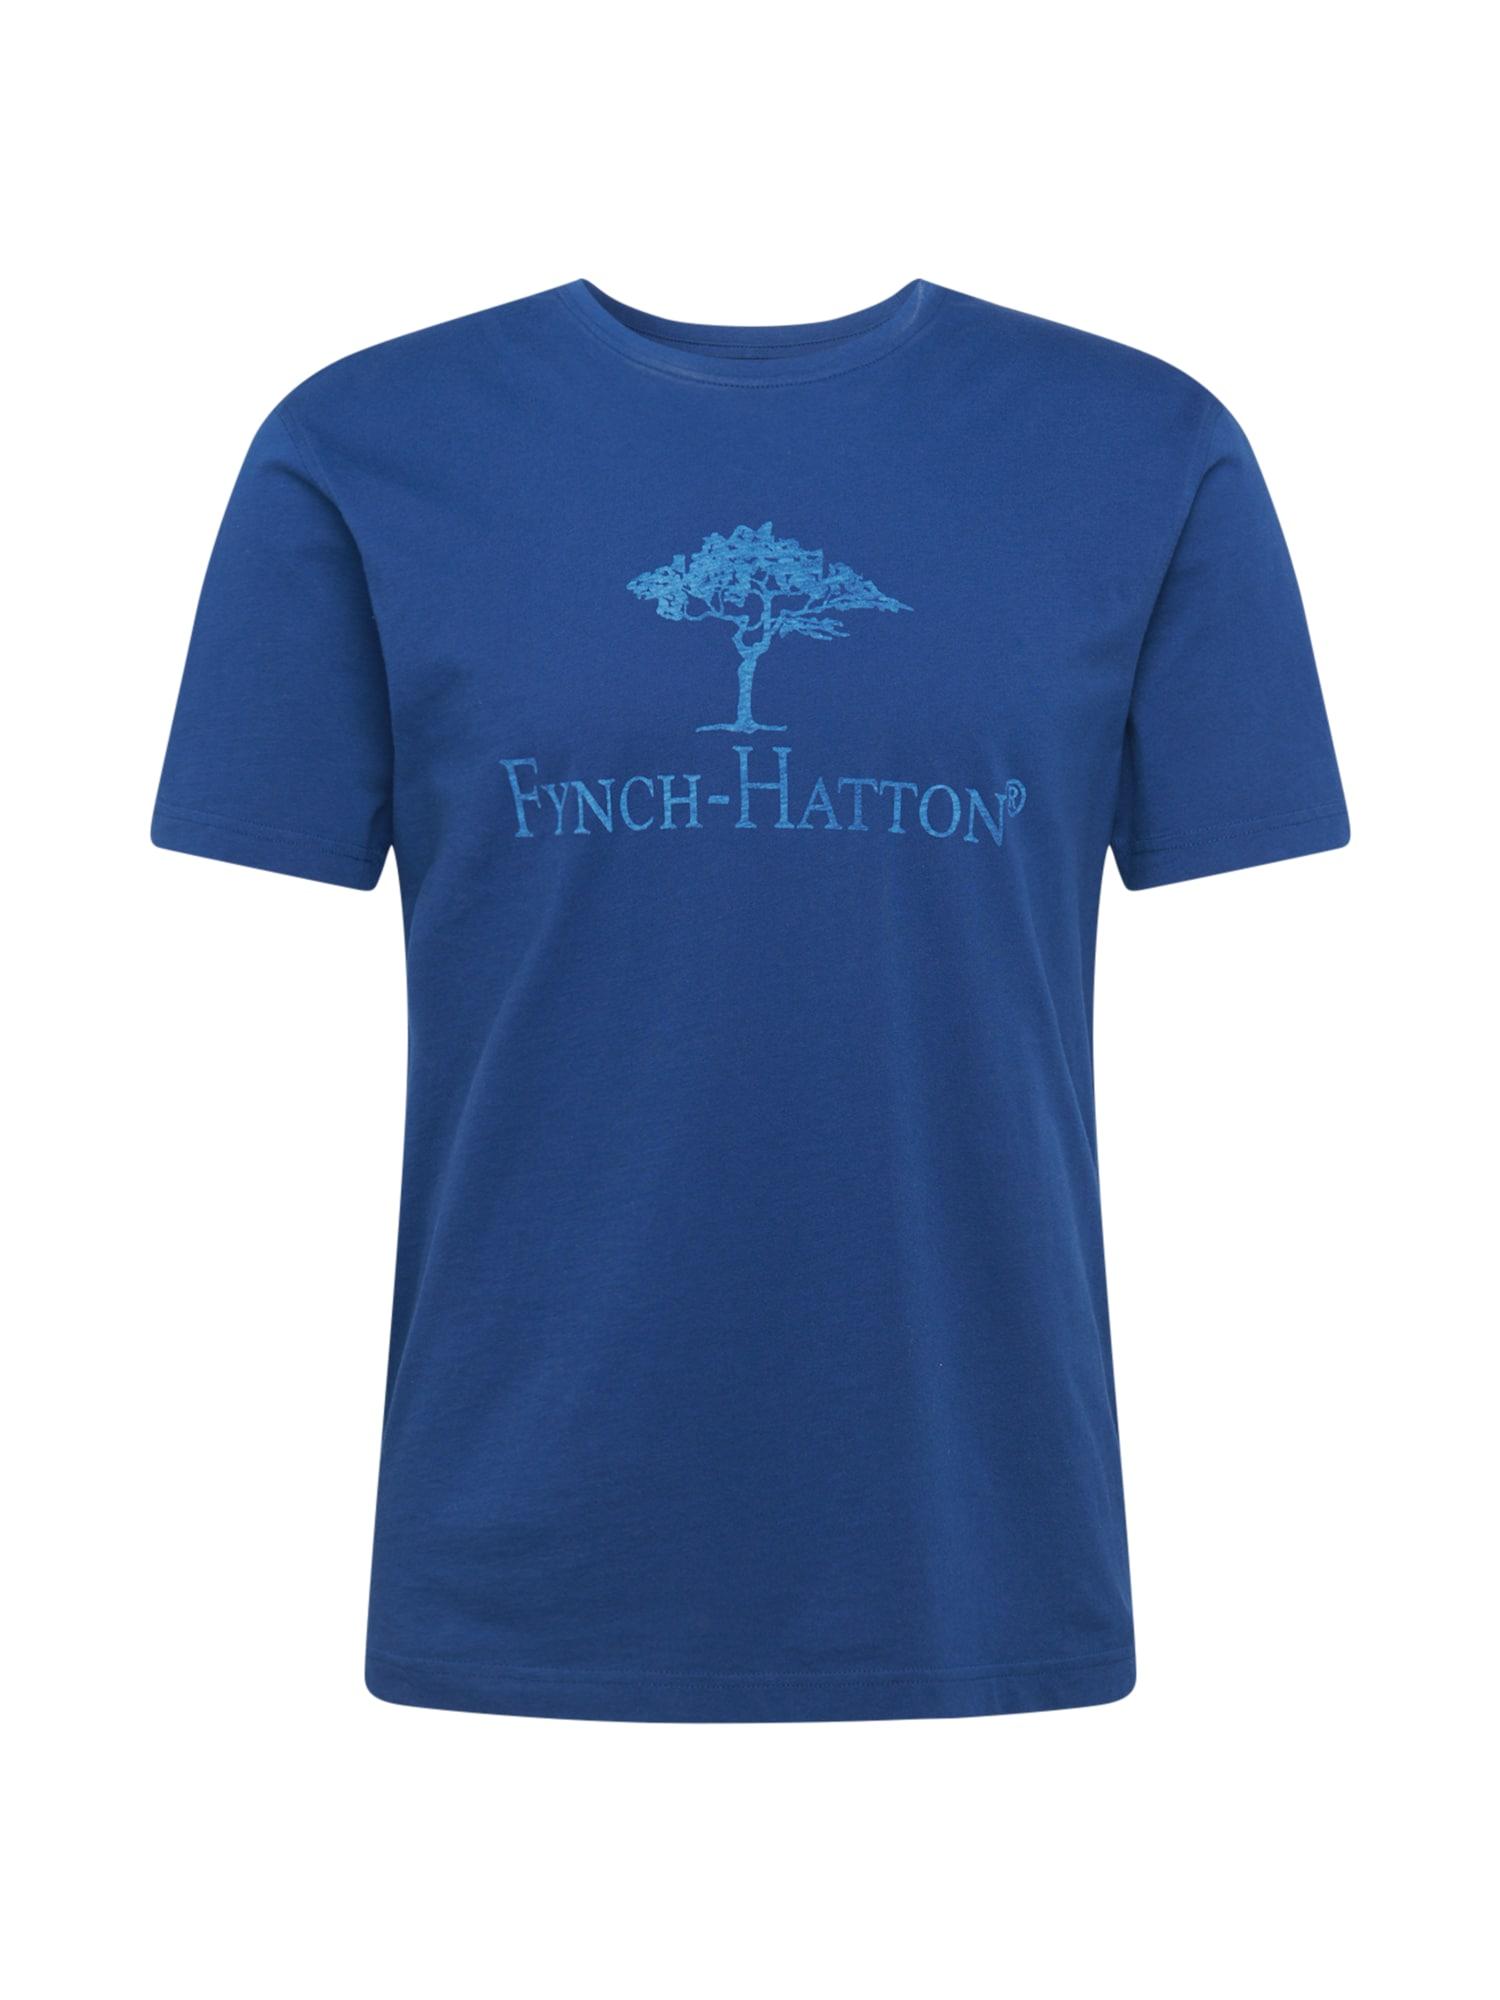 FYNCH-HATTON Marškinėliai dangaus žydra / šviesiai mėlyna